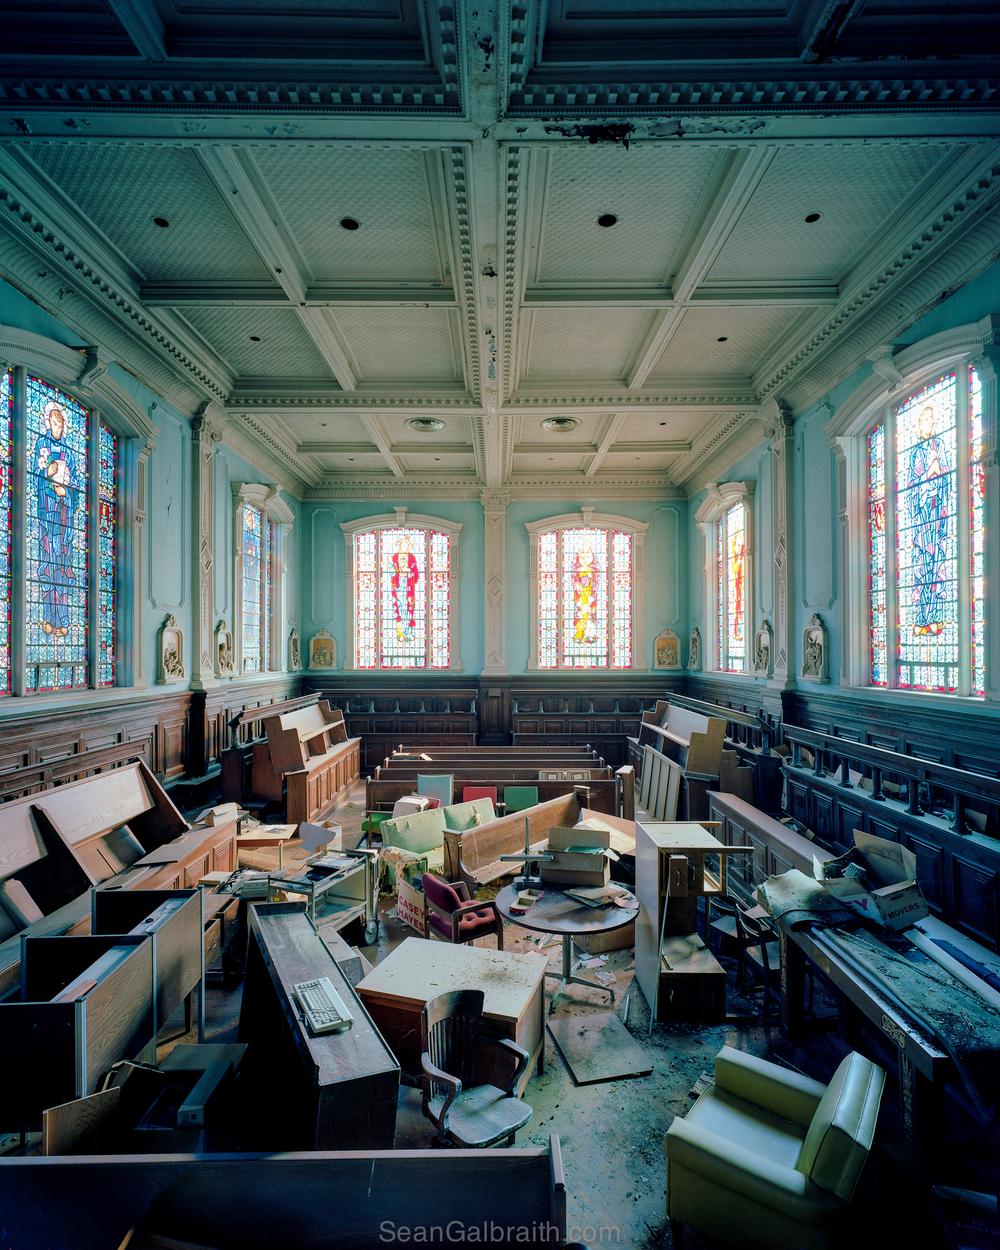 Sean_Galbraith_Blue_Chapel.jpg